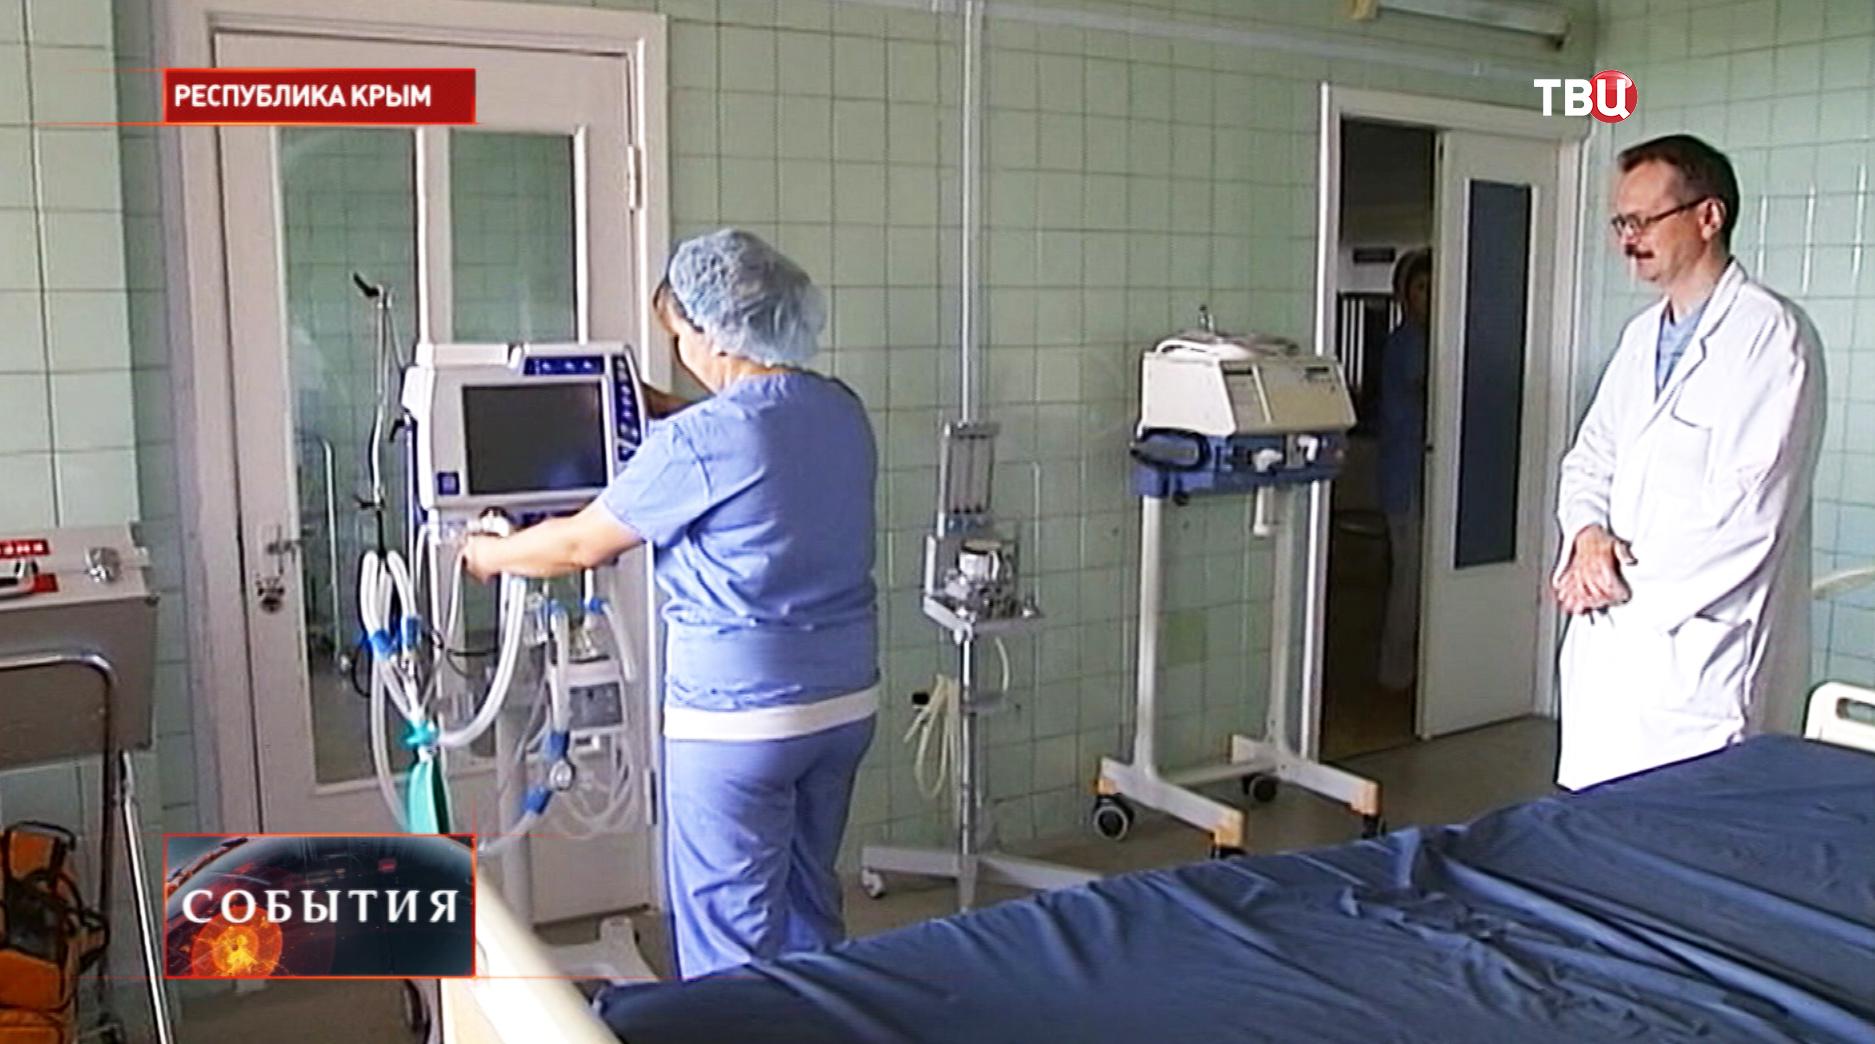 Установка нового медицинского оборудования